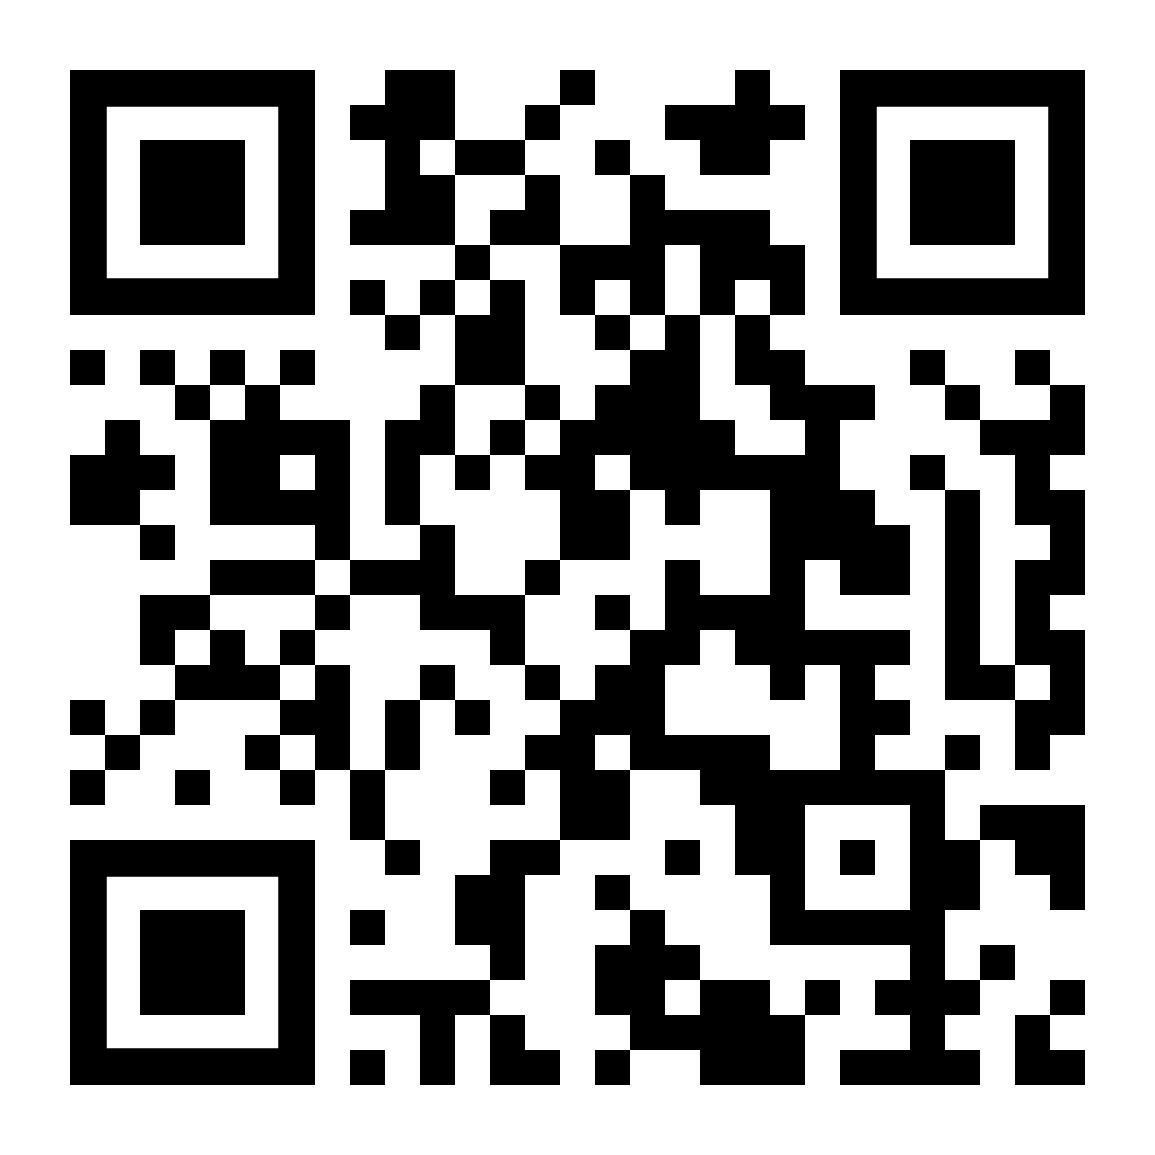 lastmileiot-qr-code.png